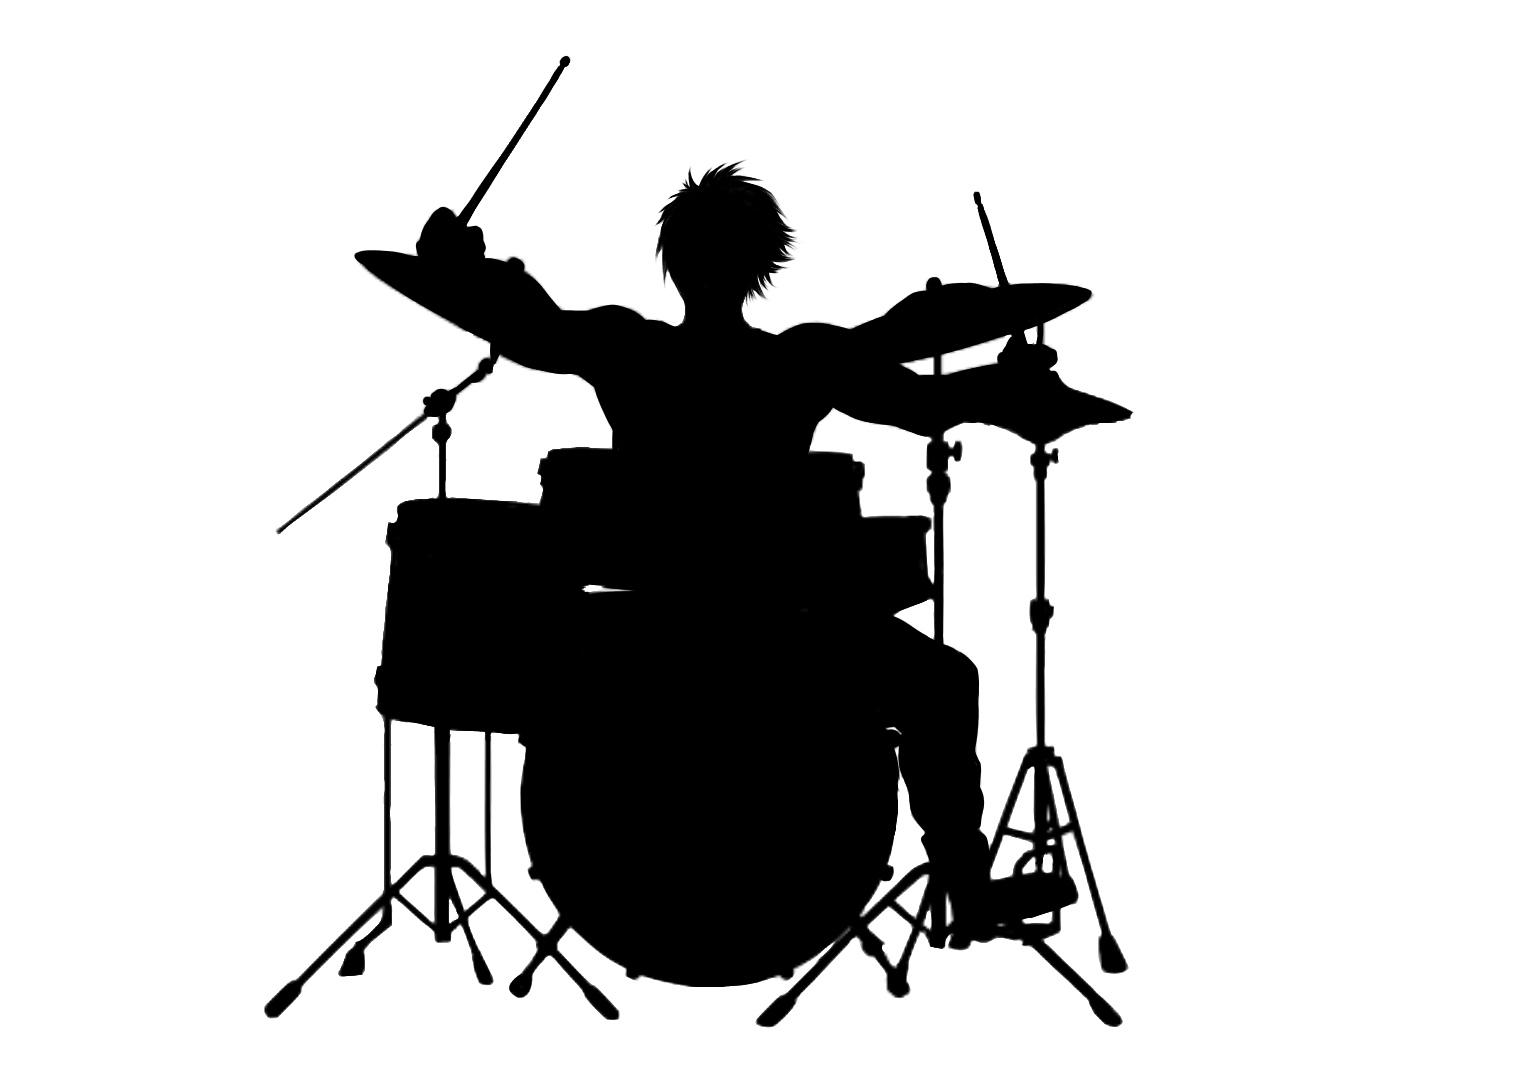 ドラム叩く人